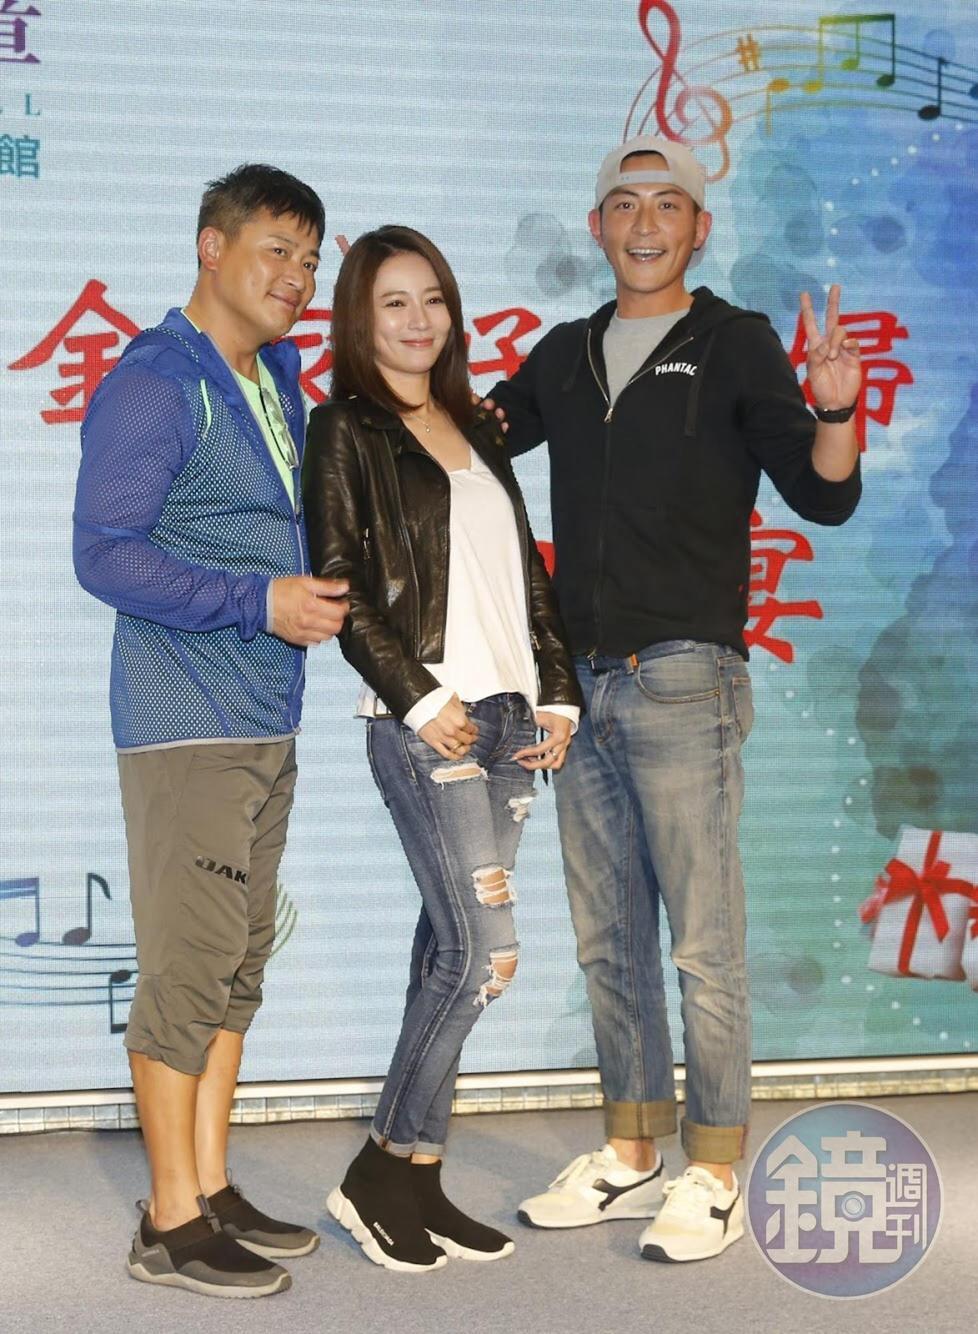 高宇蓁(中)和前男友趙駿亞(右)戲裡合作,戲外也大方合影。